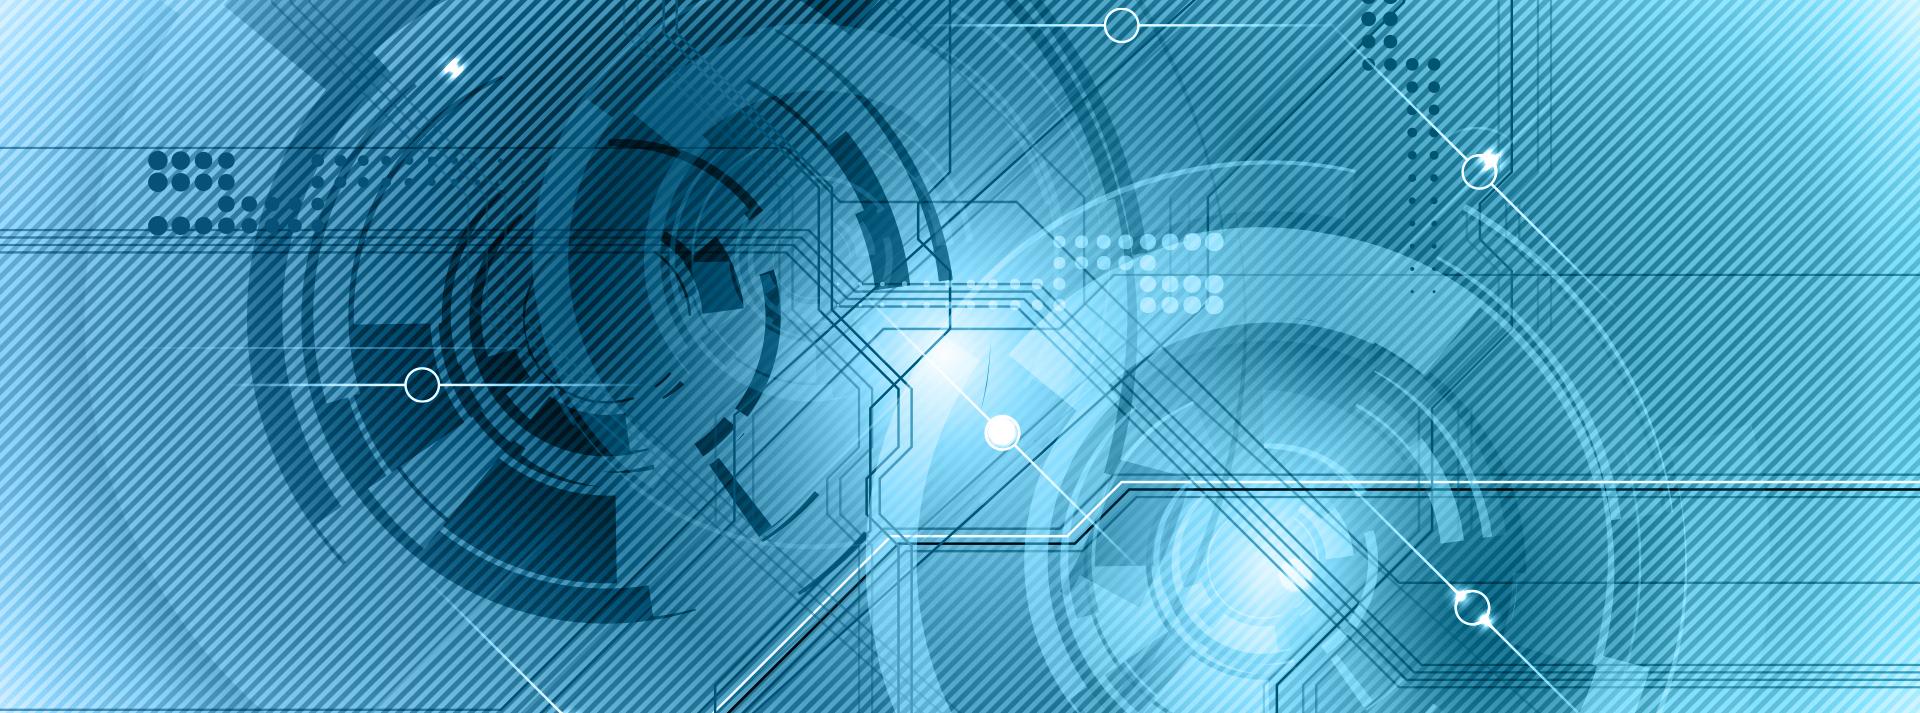 banni u00e8re bleue de la technologie num u00e9rique de fond bleu de